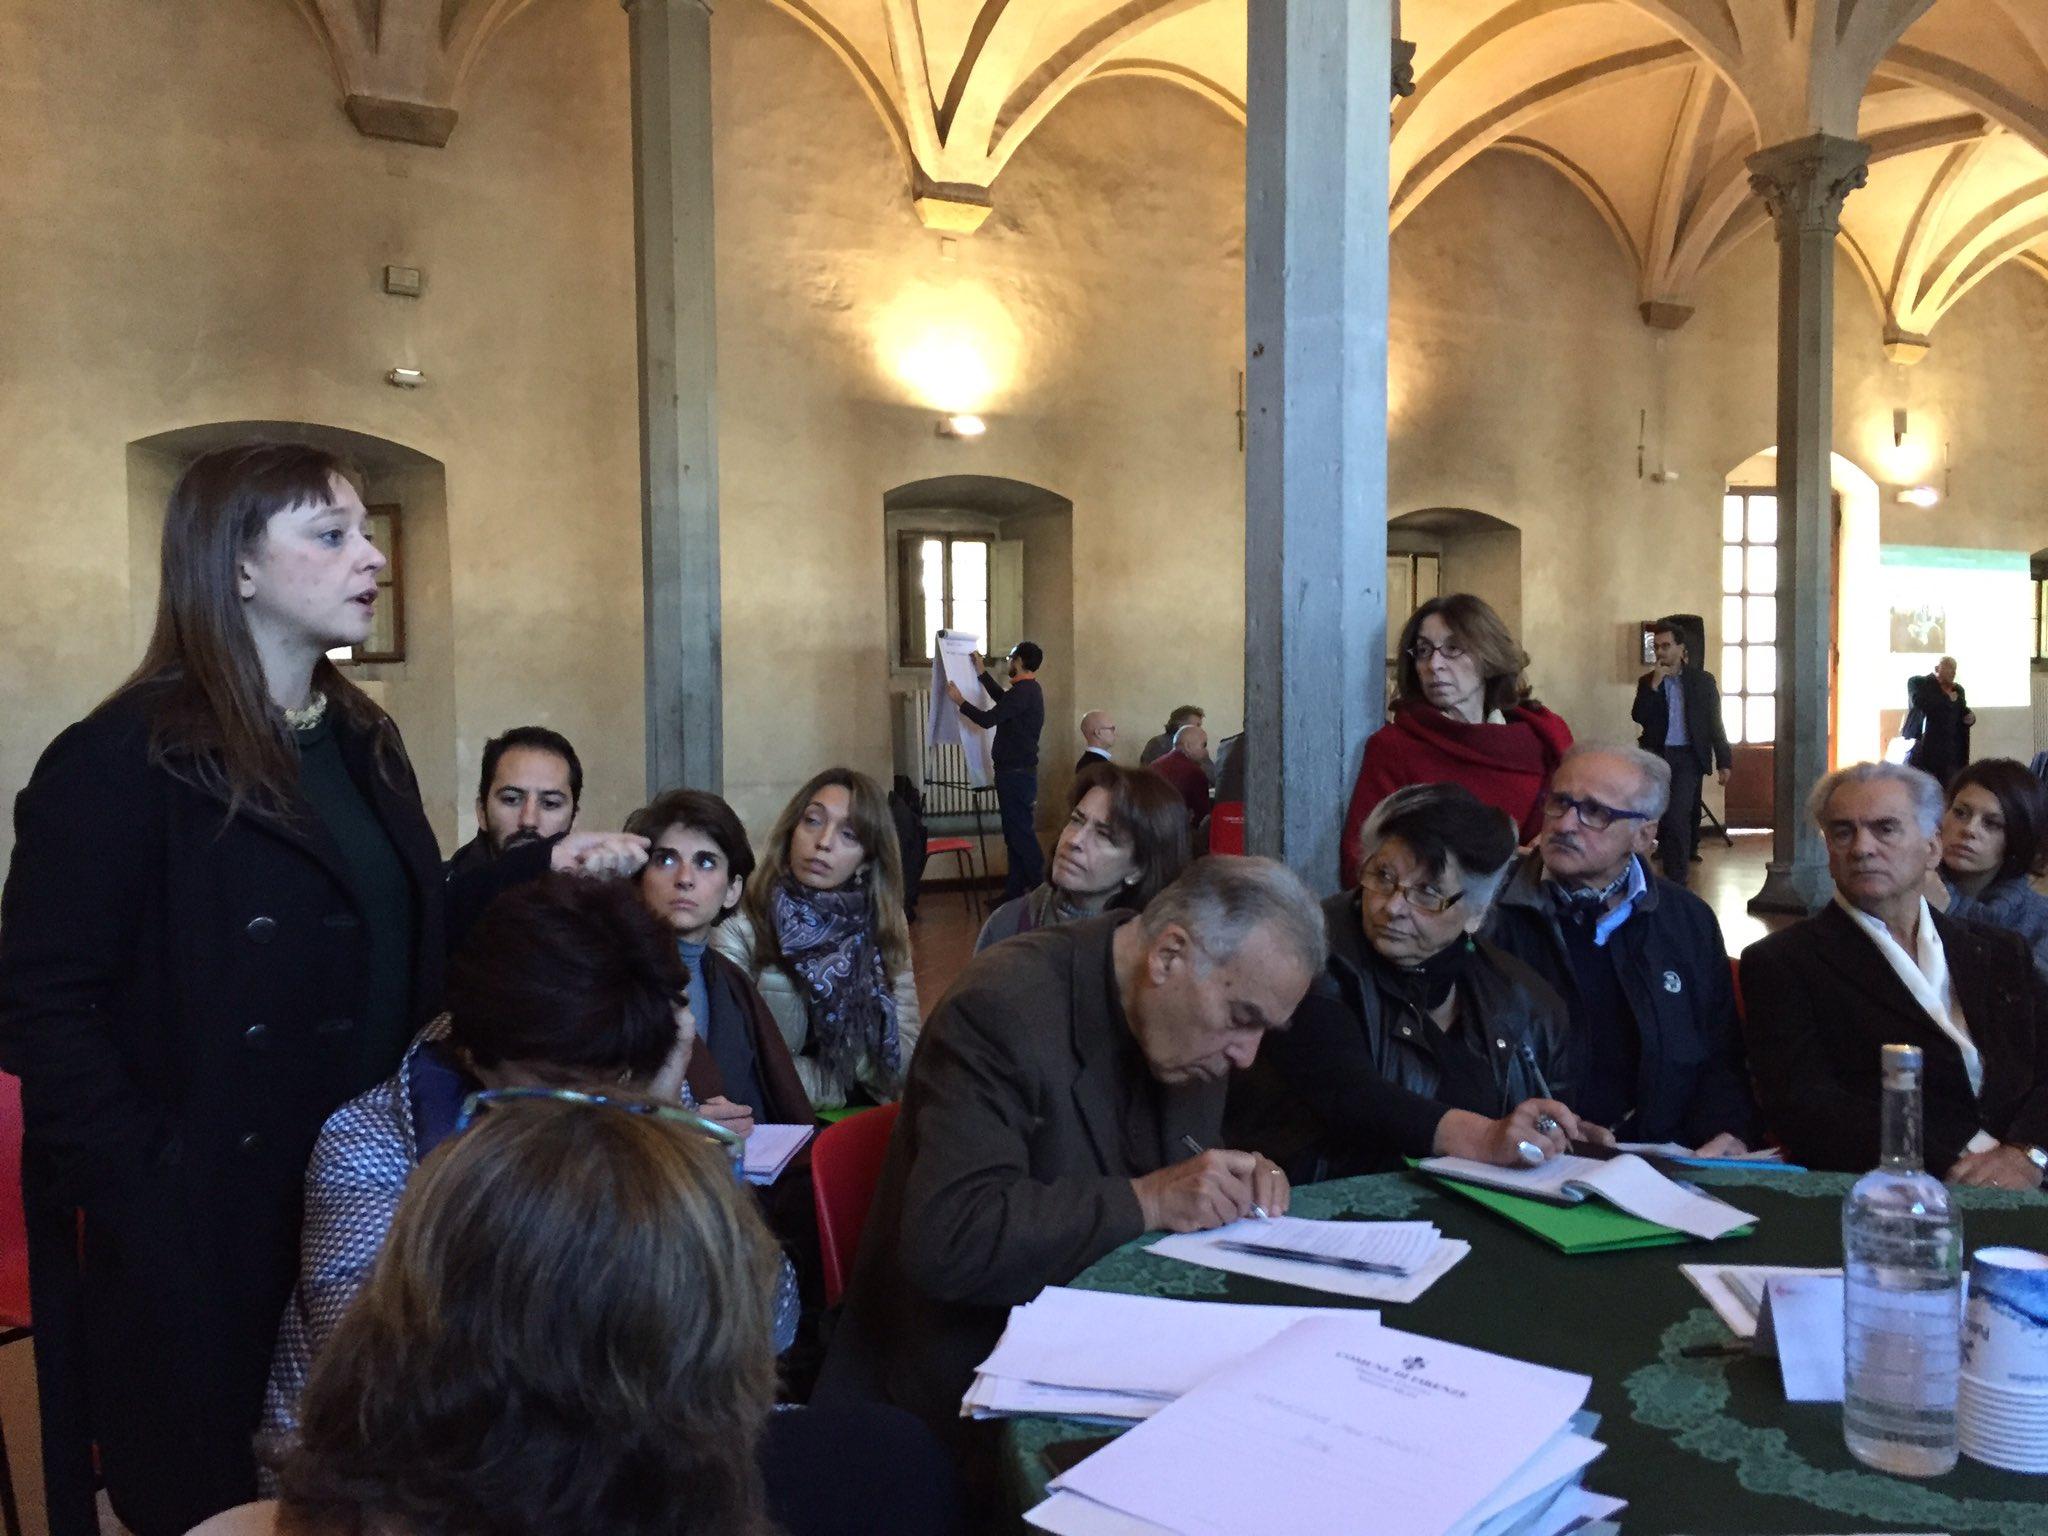 al tavolo #musei della #MaratonaAscolto si parla di come analizzare meglio i #bigdata della @FirenzeCard insieme ai 72 musei di #Firenze https://t.co/N8dIemvHK8